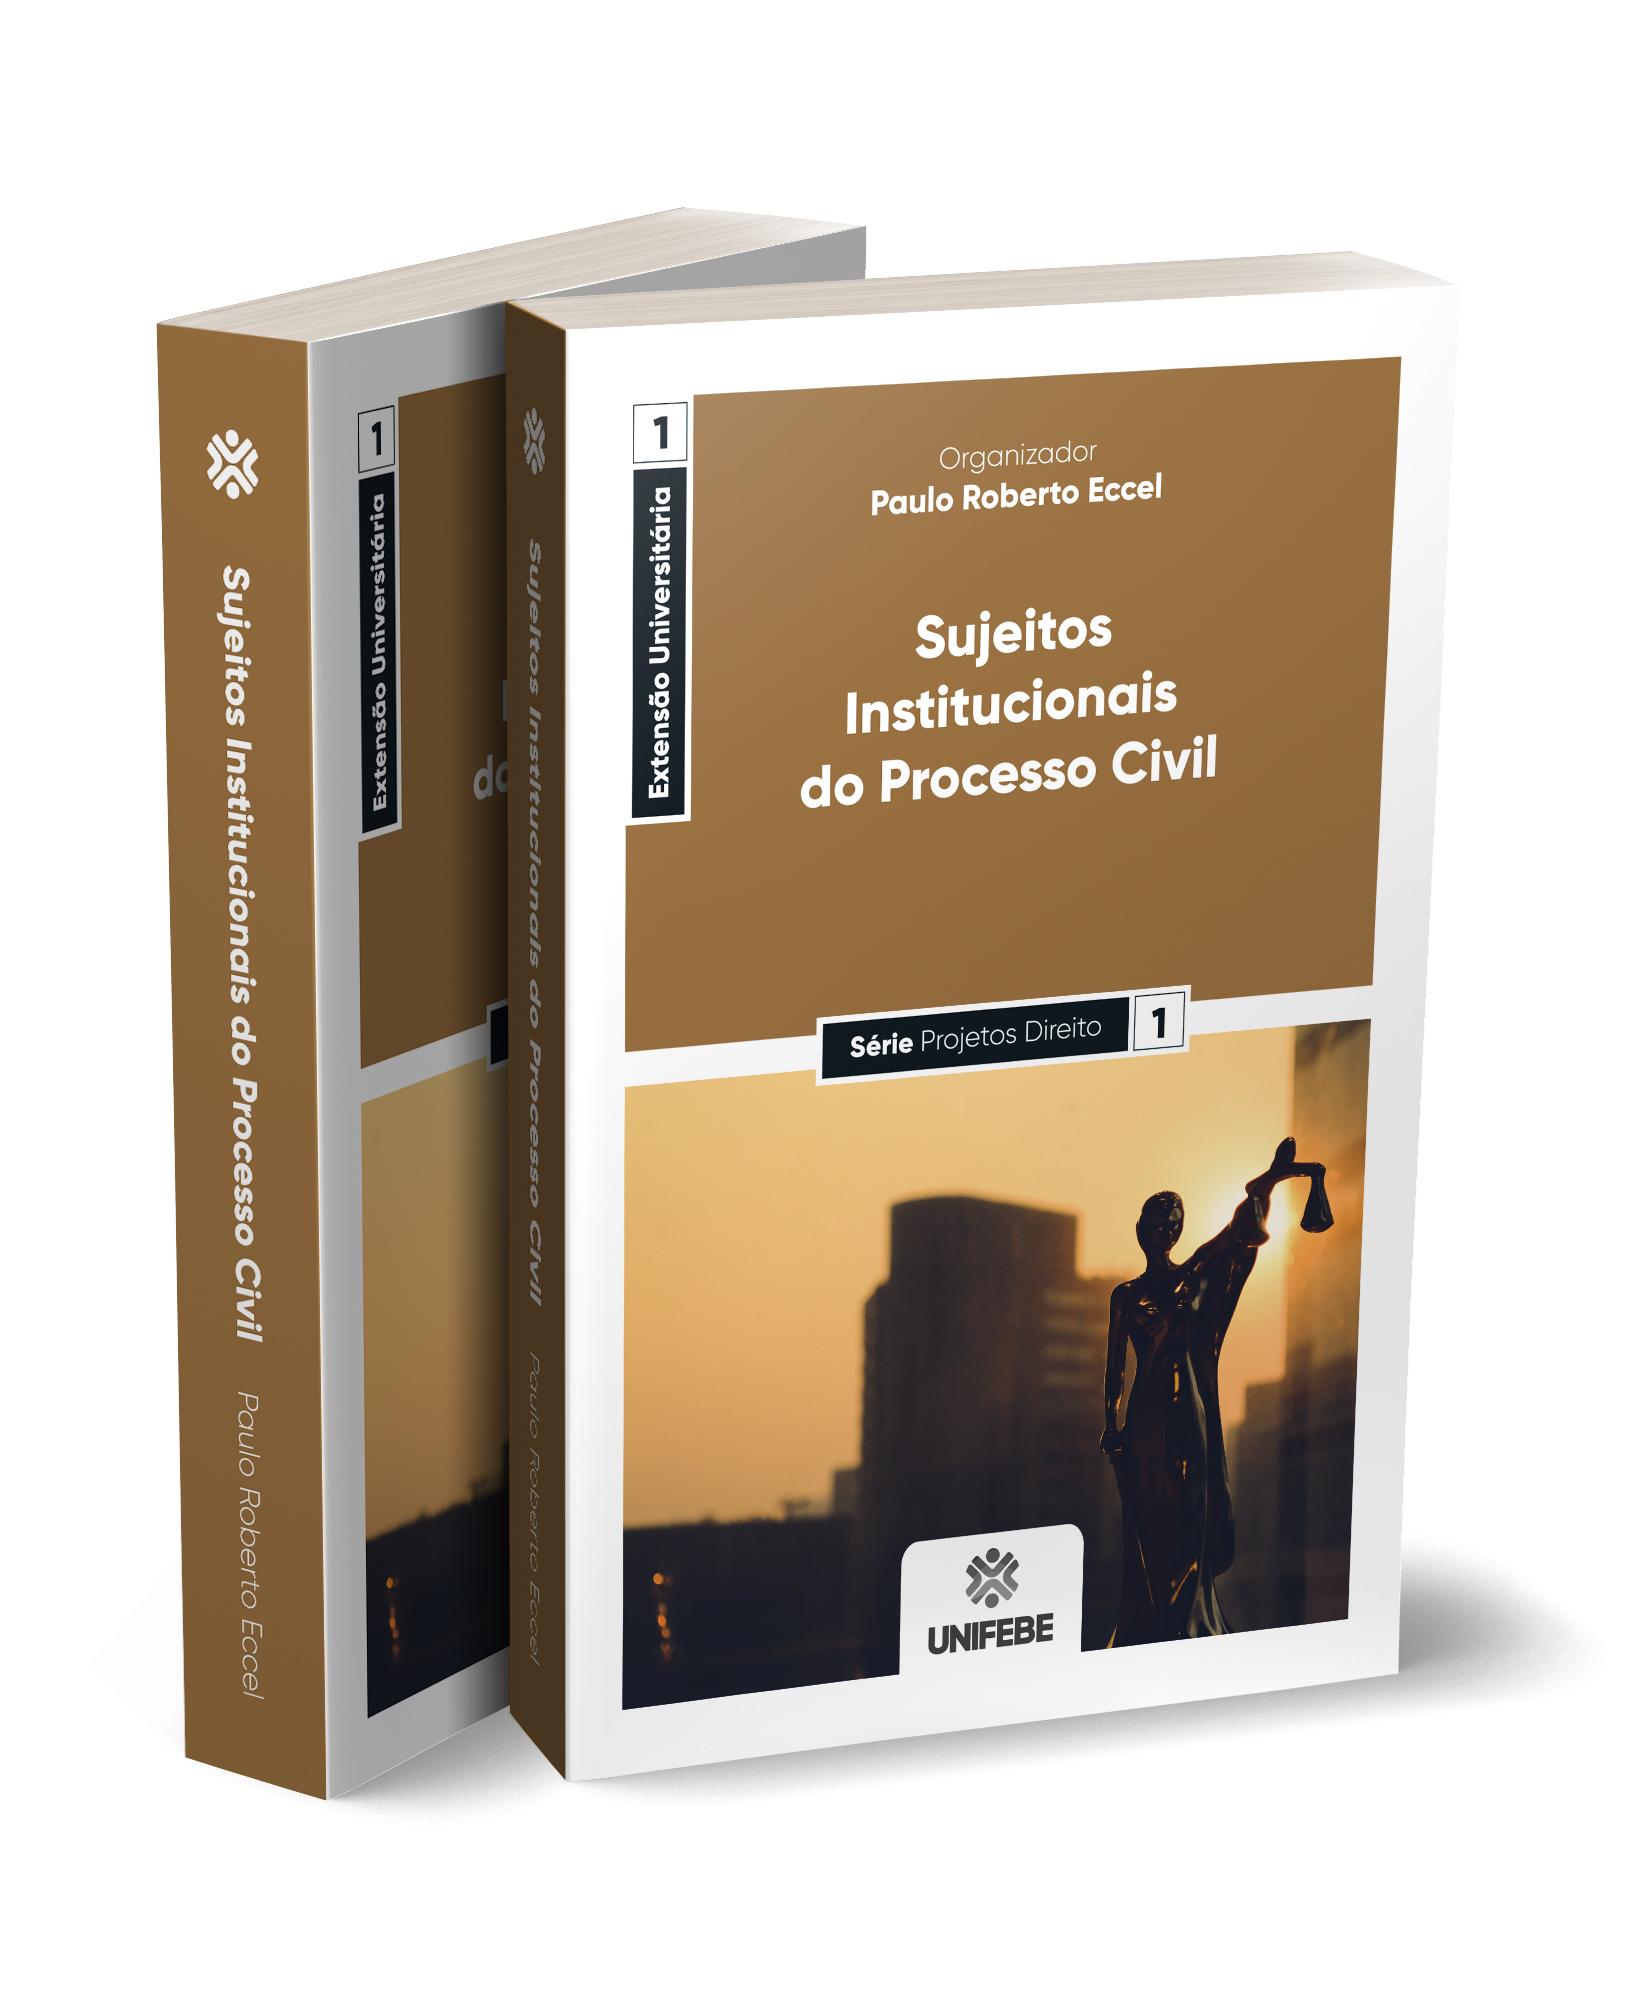 sujeitos institucionais do processo civil capa